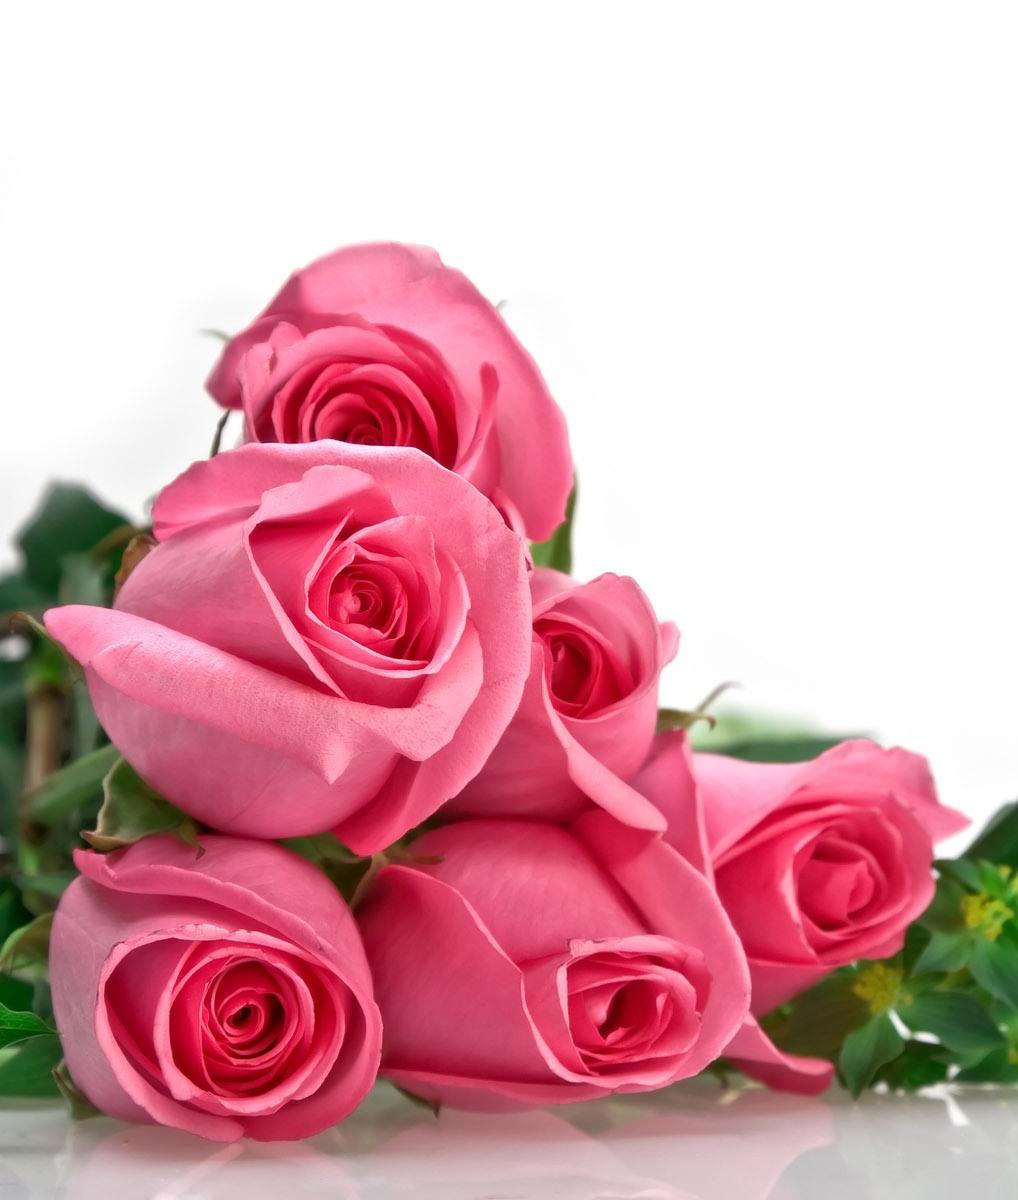 Handy-Wallpaper Feiertage, Pflanzen, Blumen, Roses, 8. März Internationaler Frauentag kostenlos herunterladen.